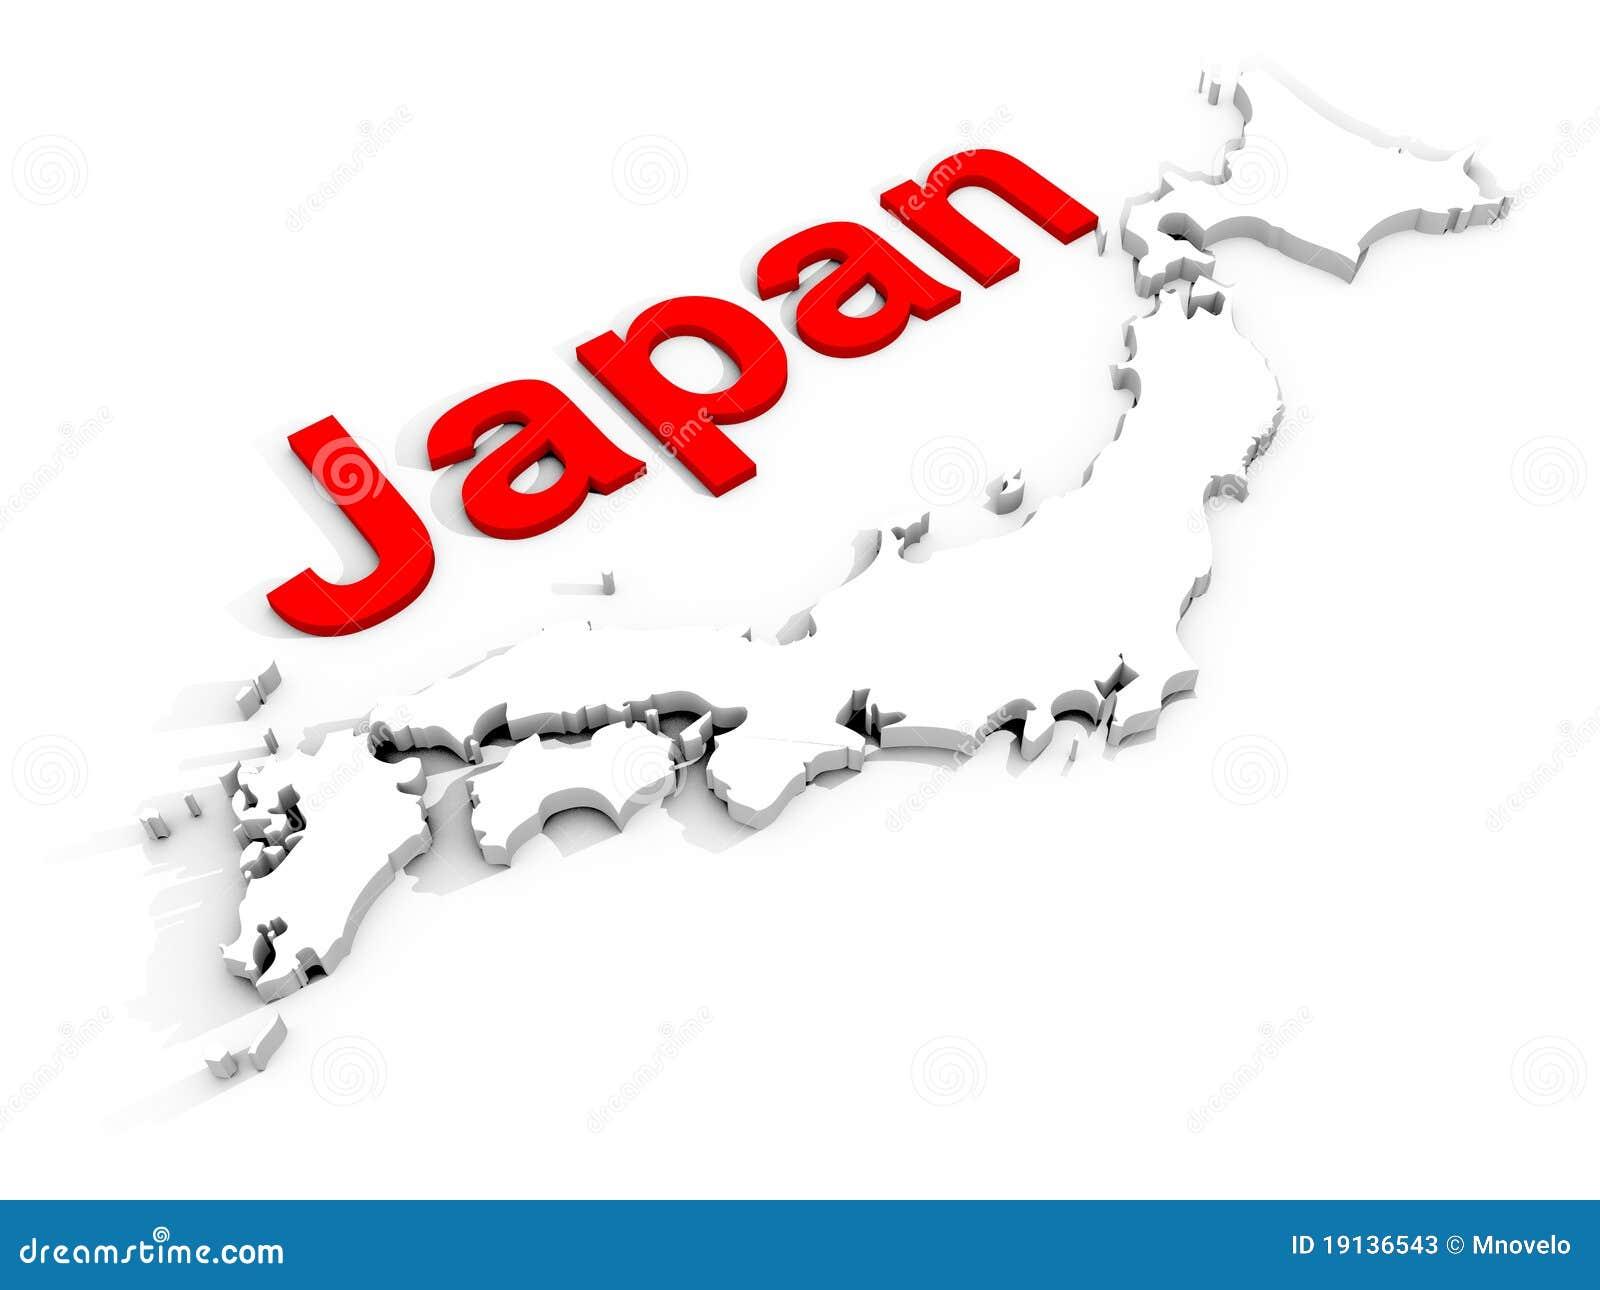 Japan Stock Photos Image - Japan map 3d